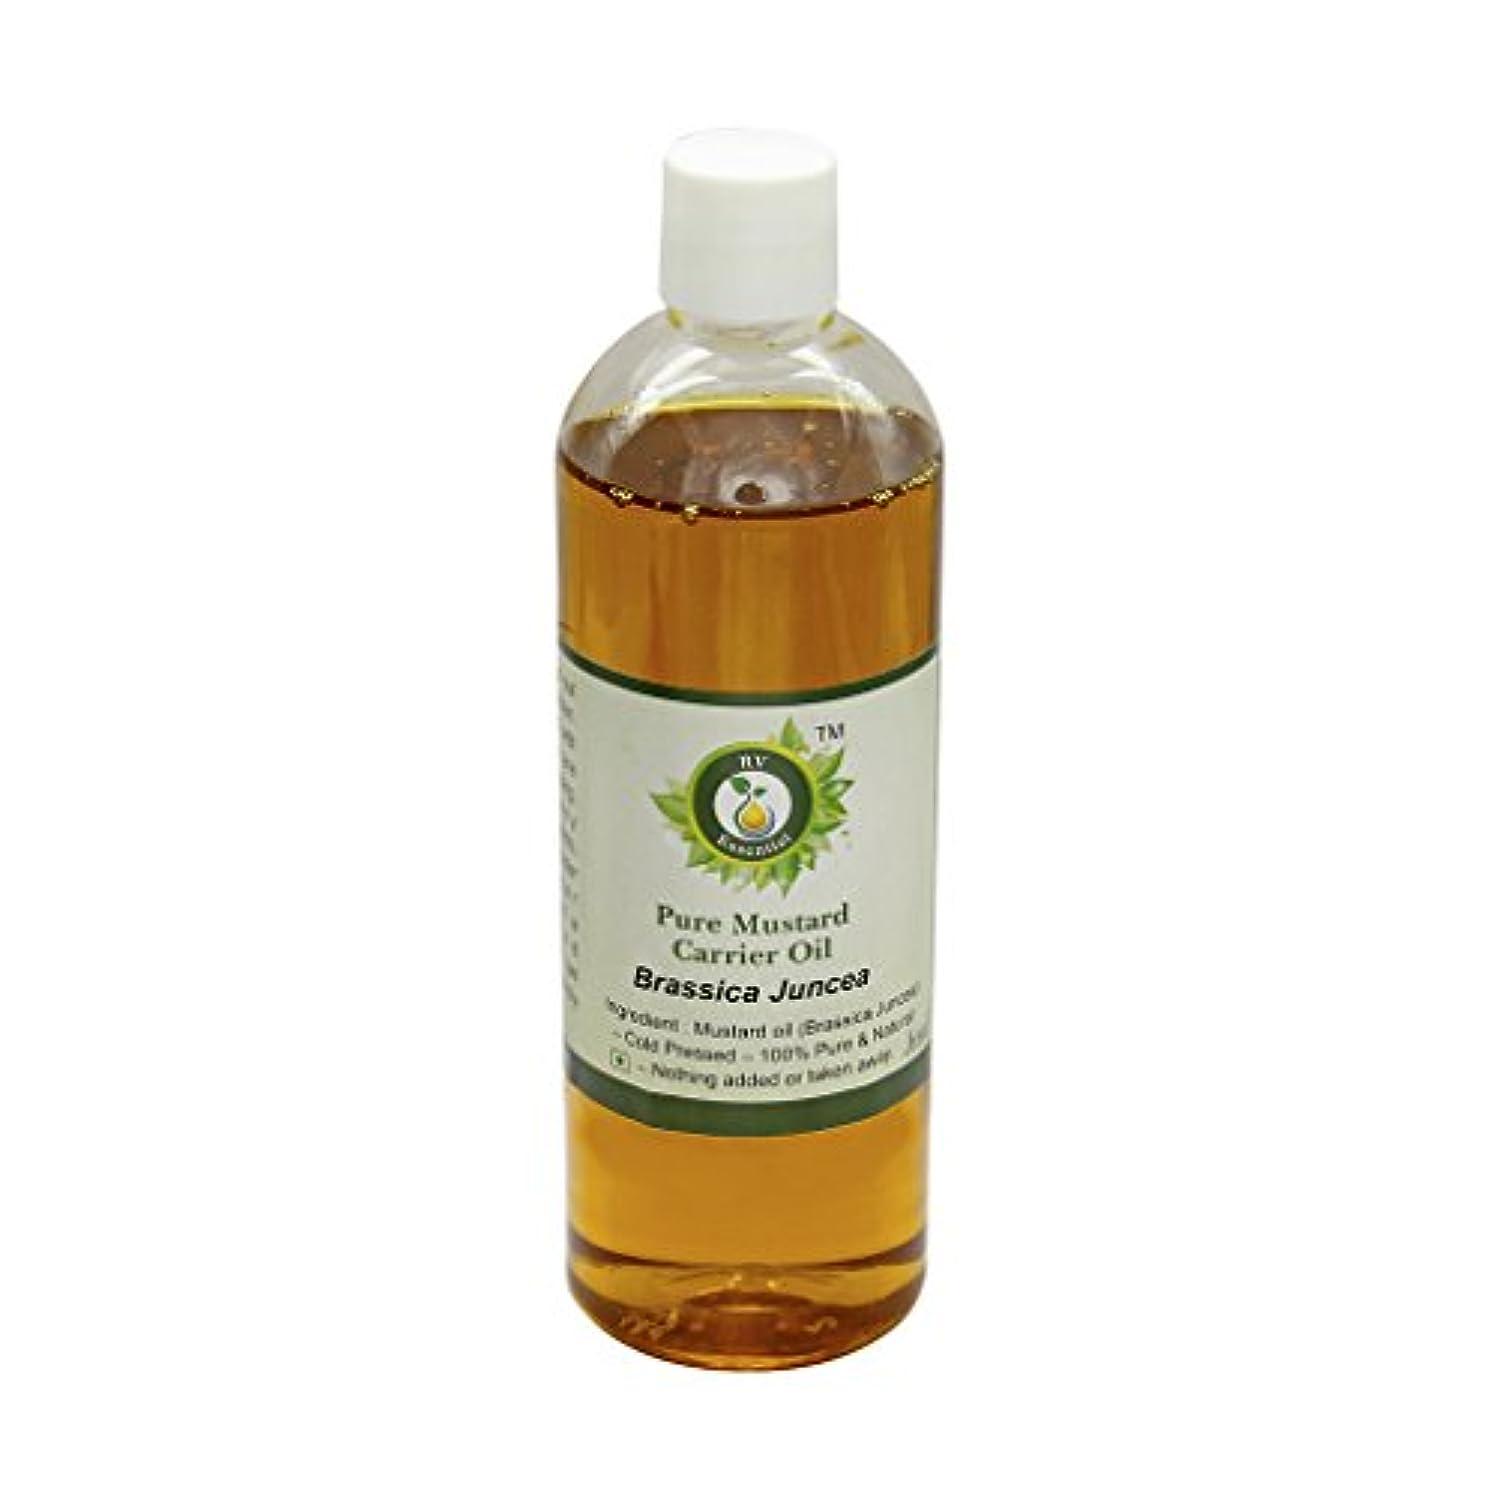 気楽な埋め込むリットルR V Essential 純粋なマスタードキャリアオイル100ml (3.38oz)- Brassica Juncea (100%ピュア&ナチュラルコールドPressed) Pure Mustard Carrier Oil